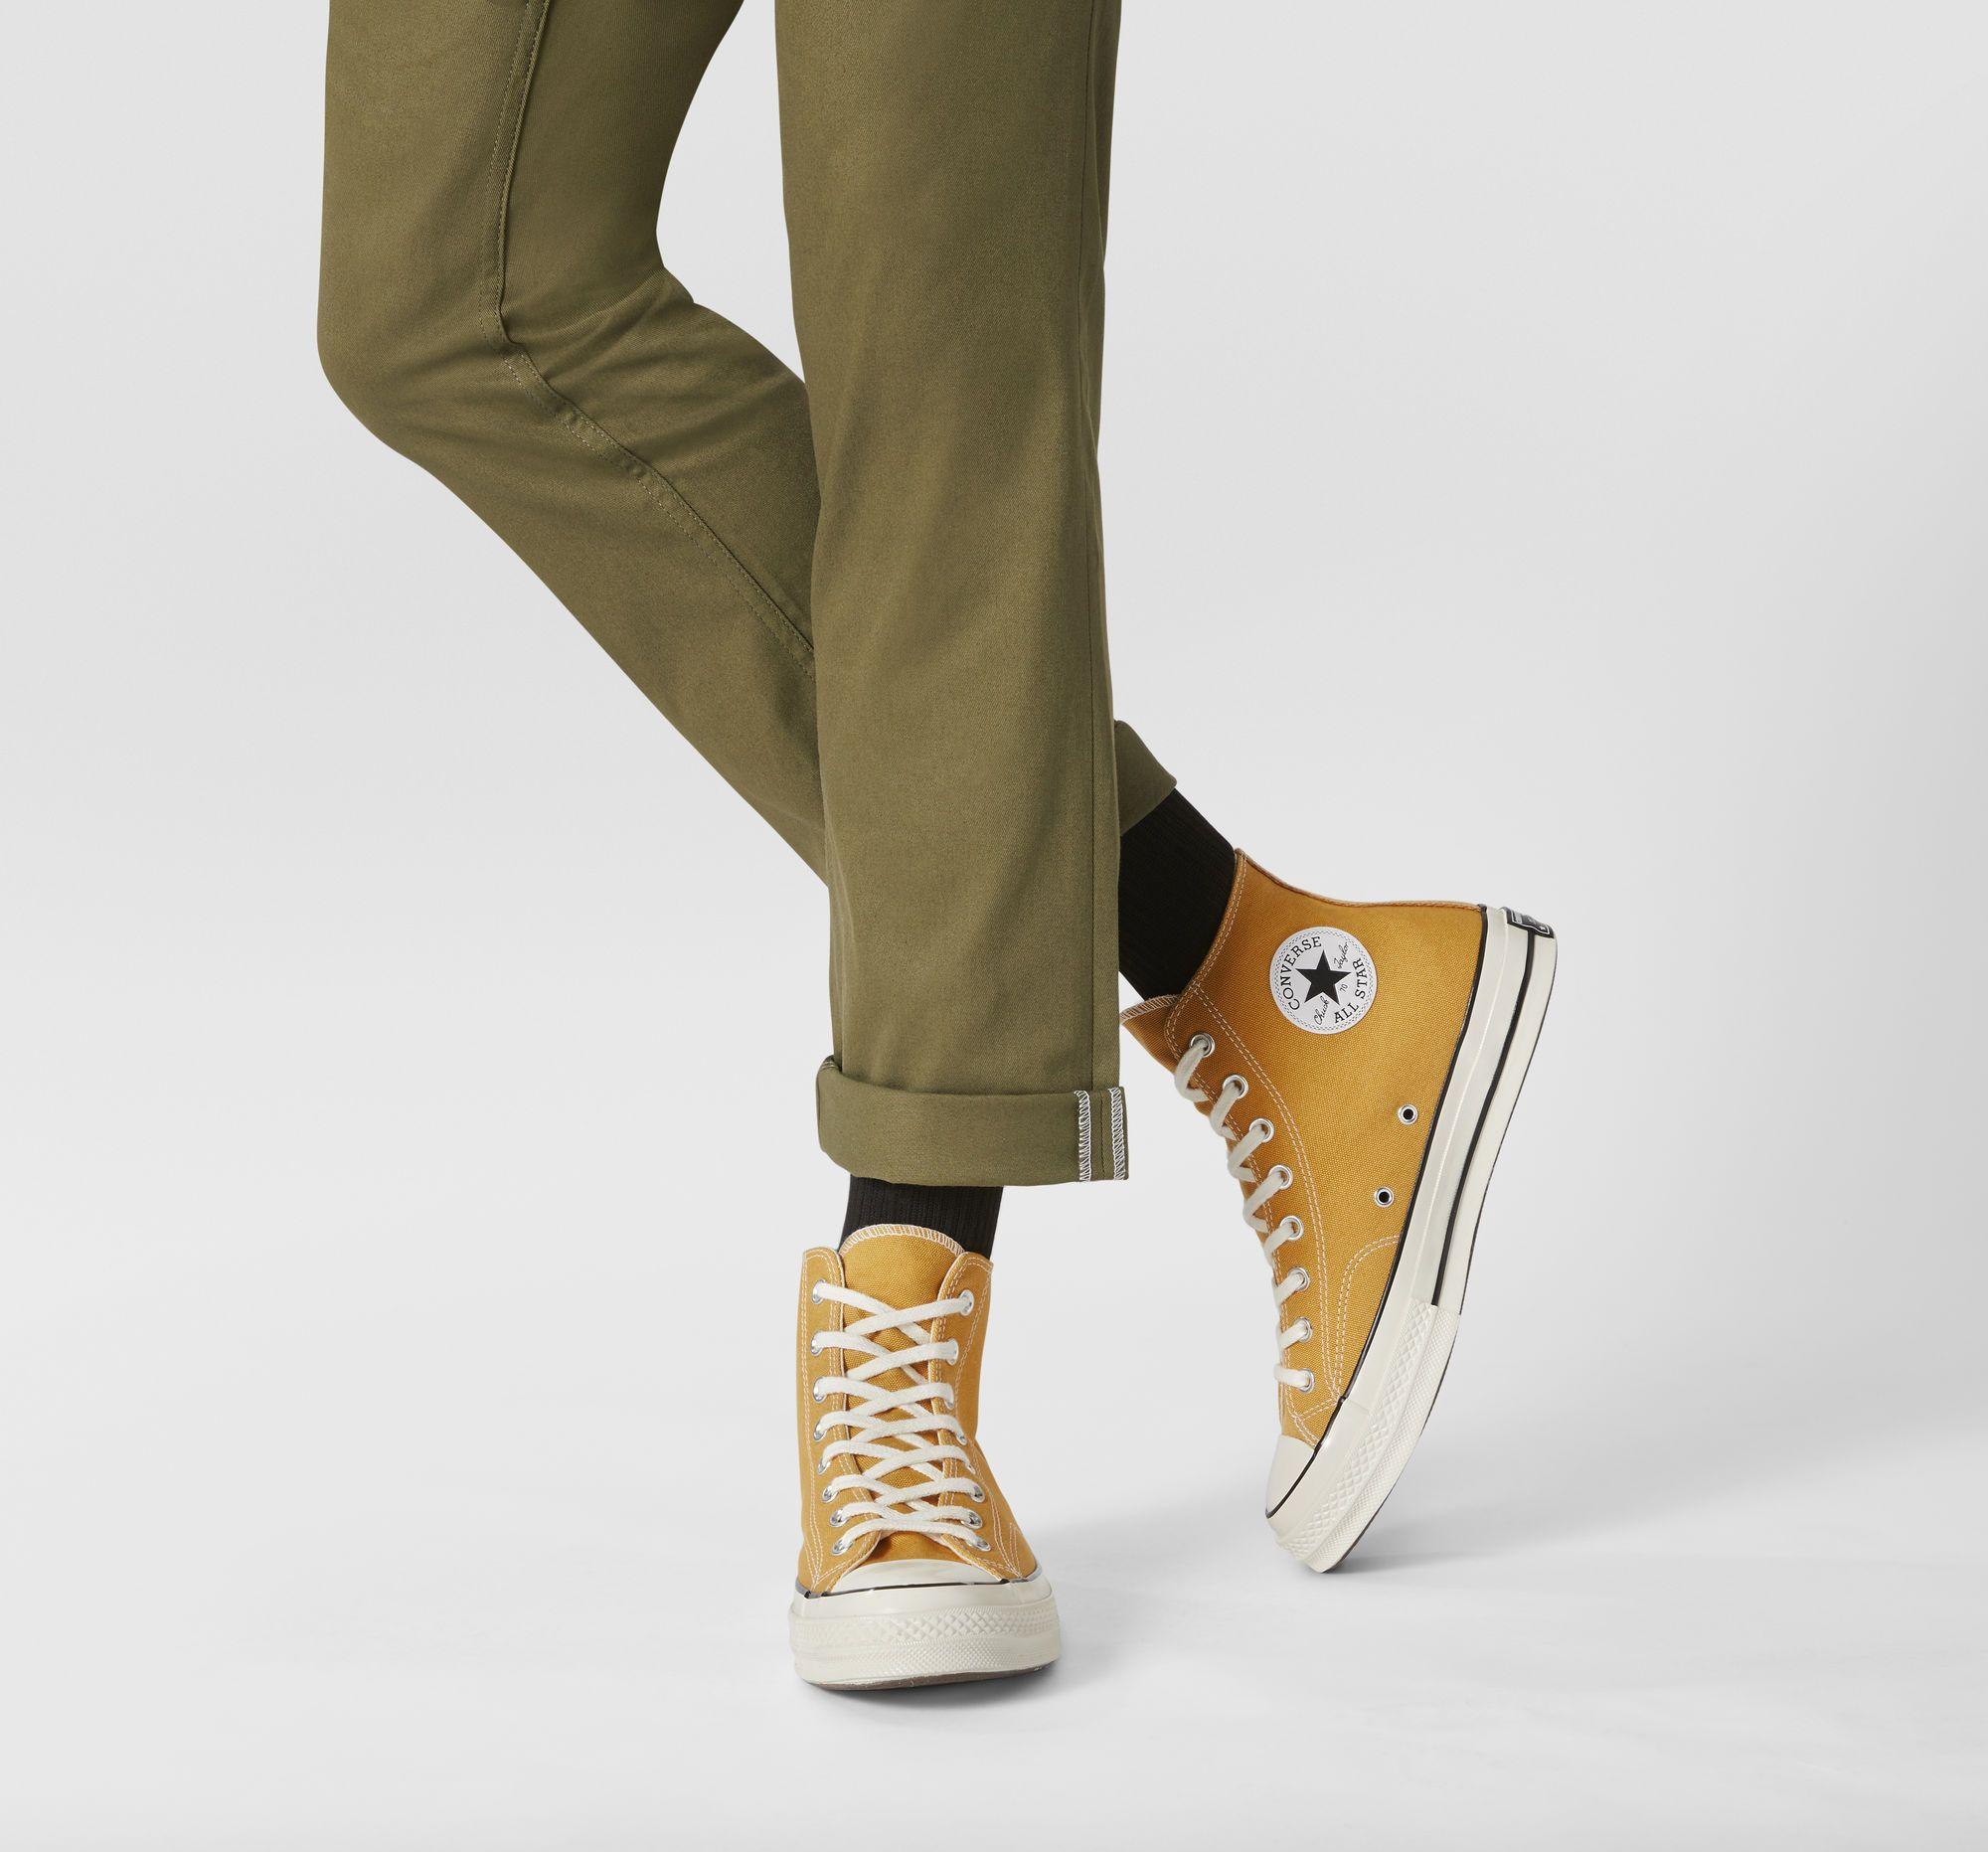 Chuck 70 Sunflower Yellow High Top Shoe